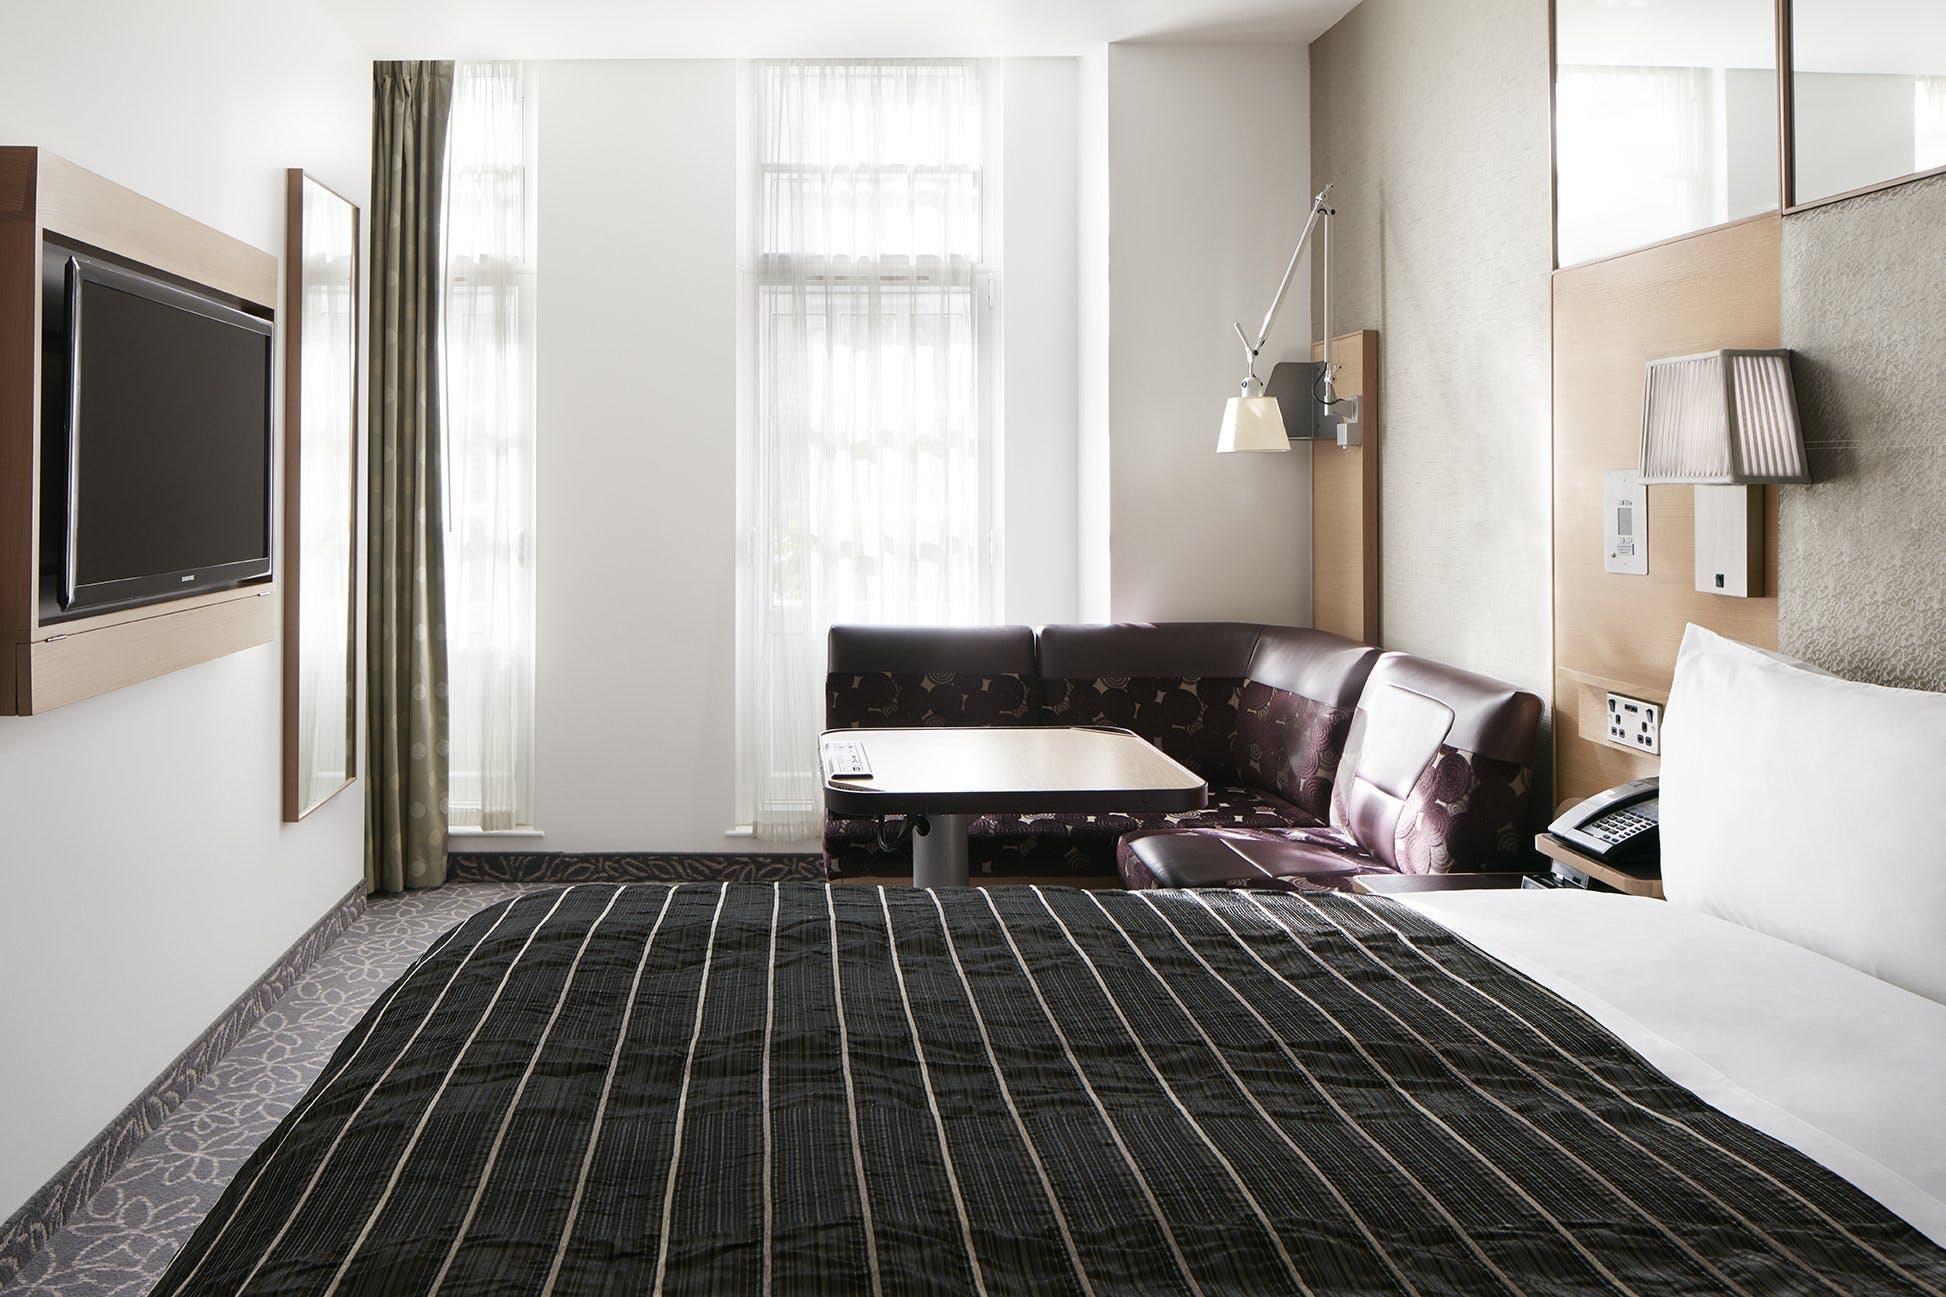 Deluxe Room Lincoln's Inn Fields